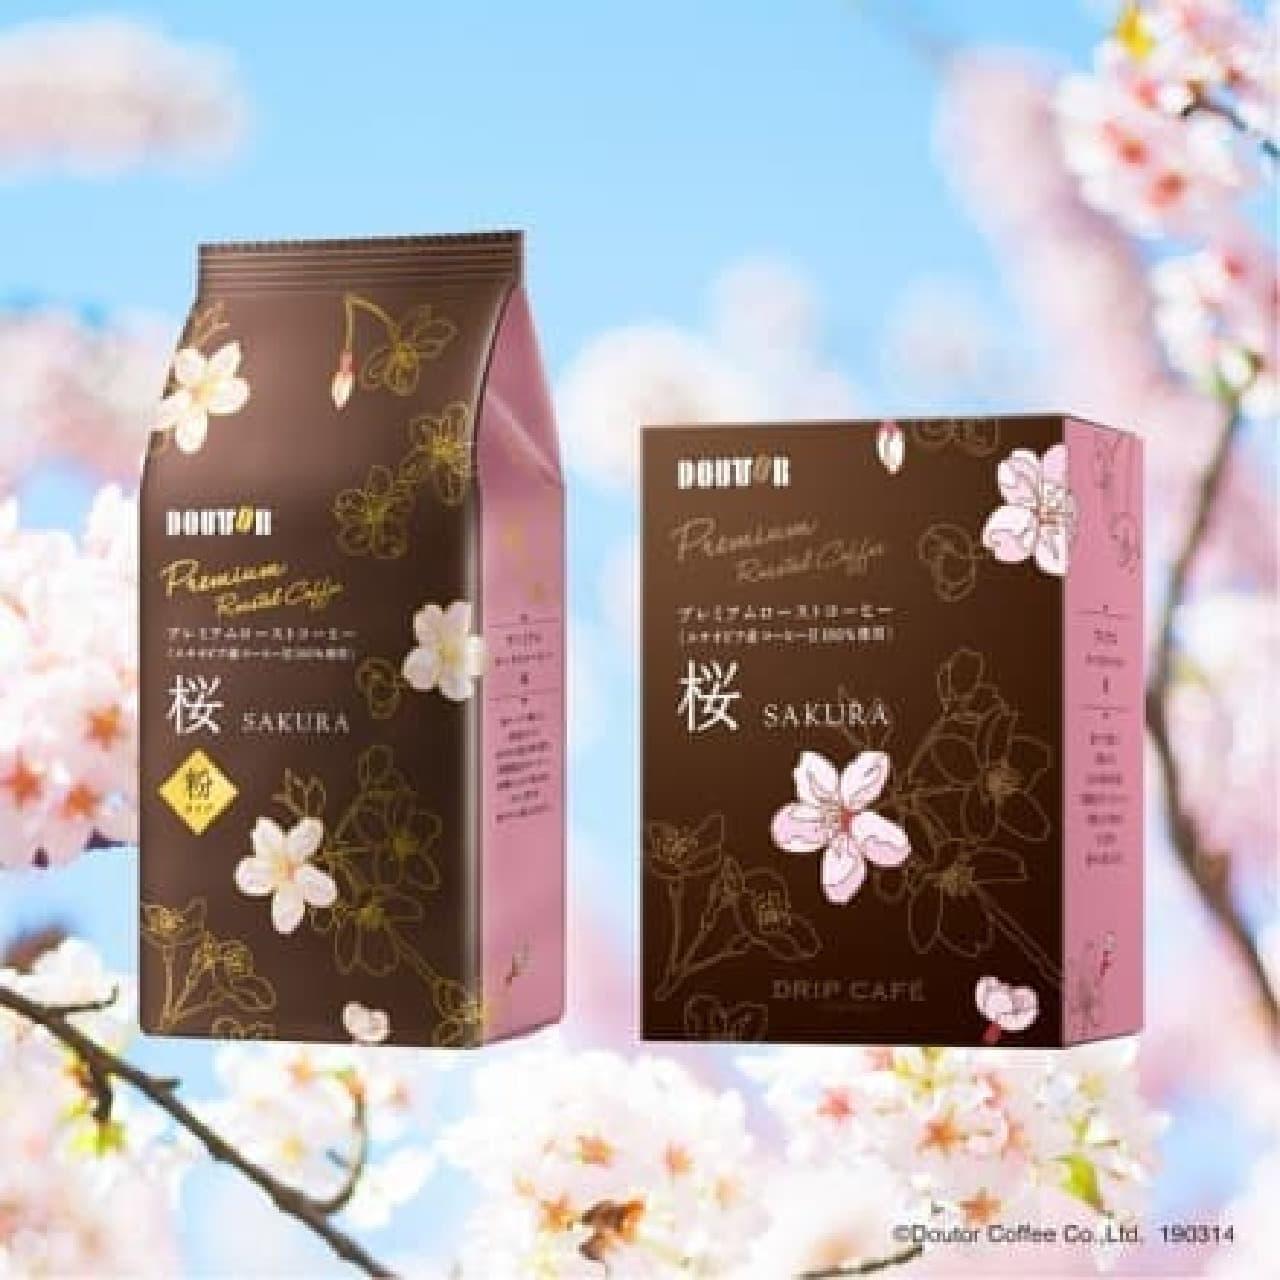 ドトール「プレミアムローストコーヒー 桜 <エチオピア産コーヒー豆100%使用>」